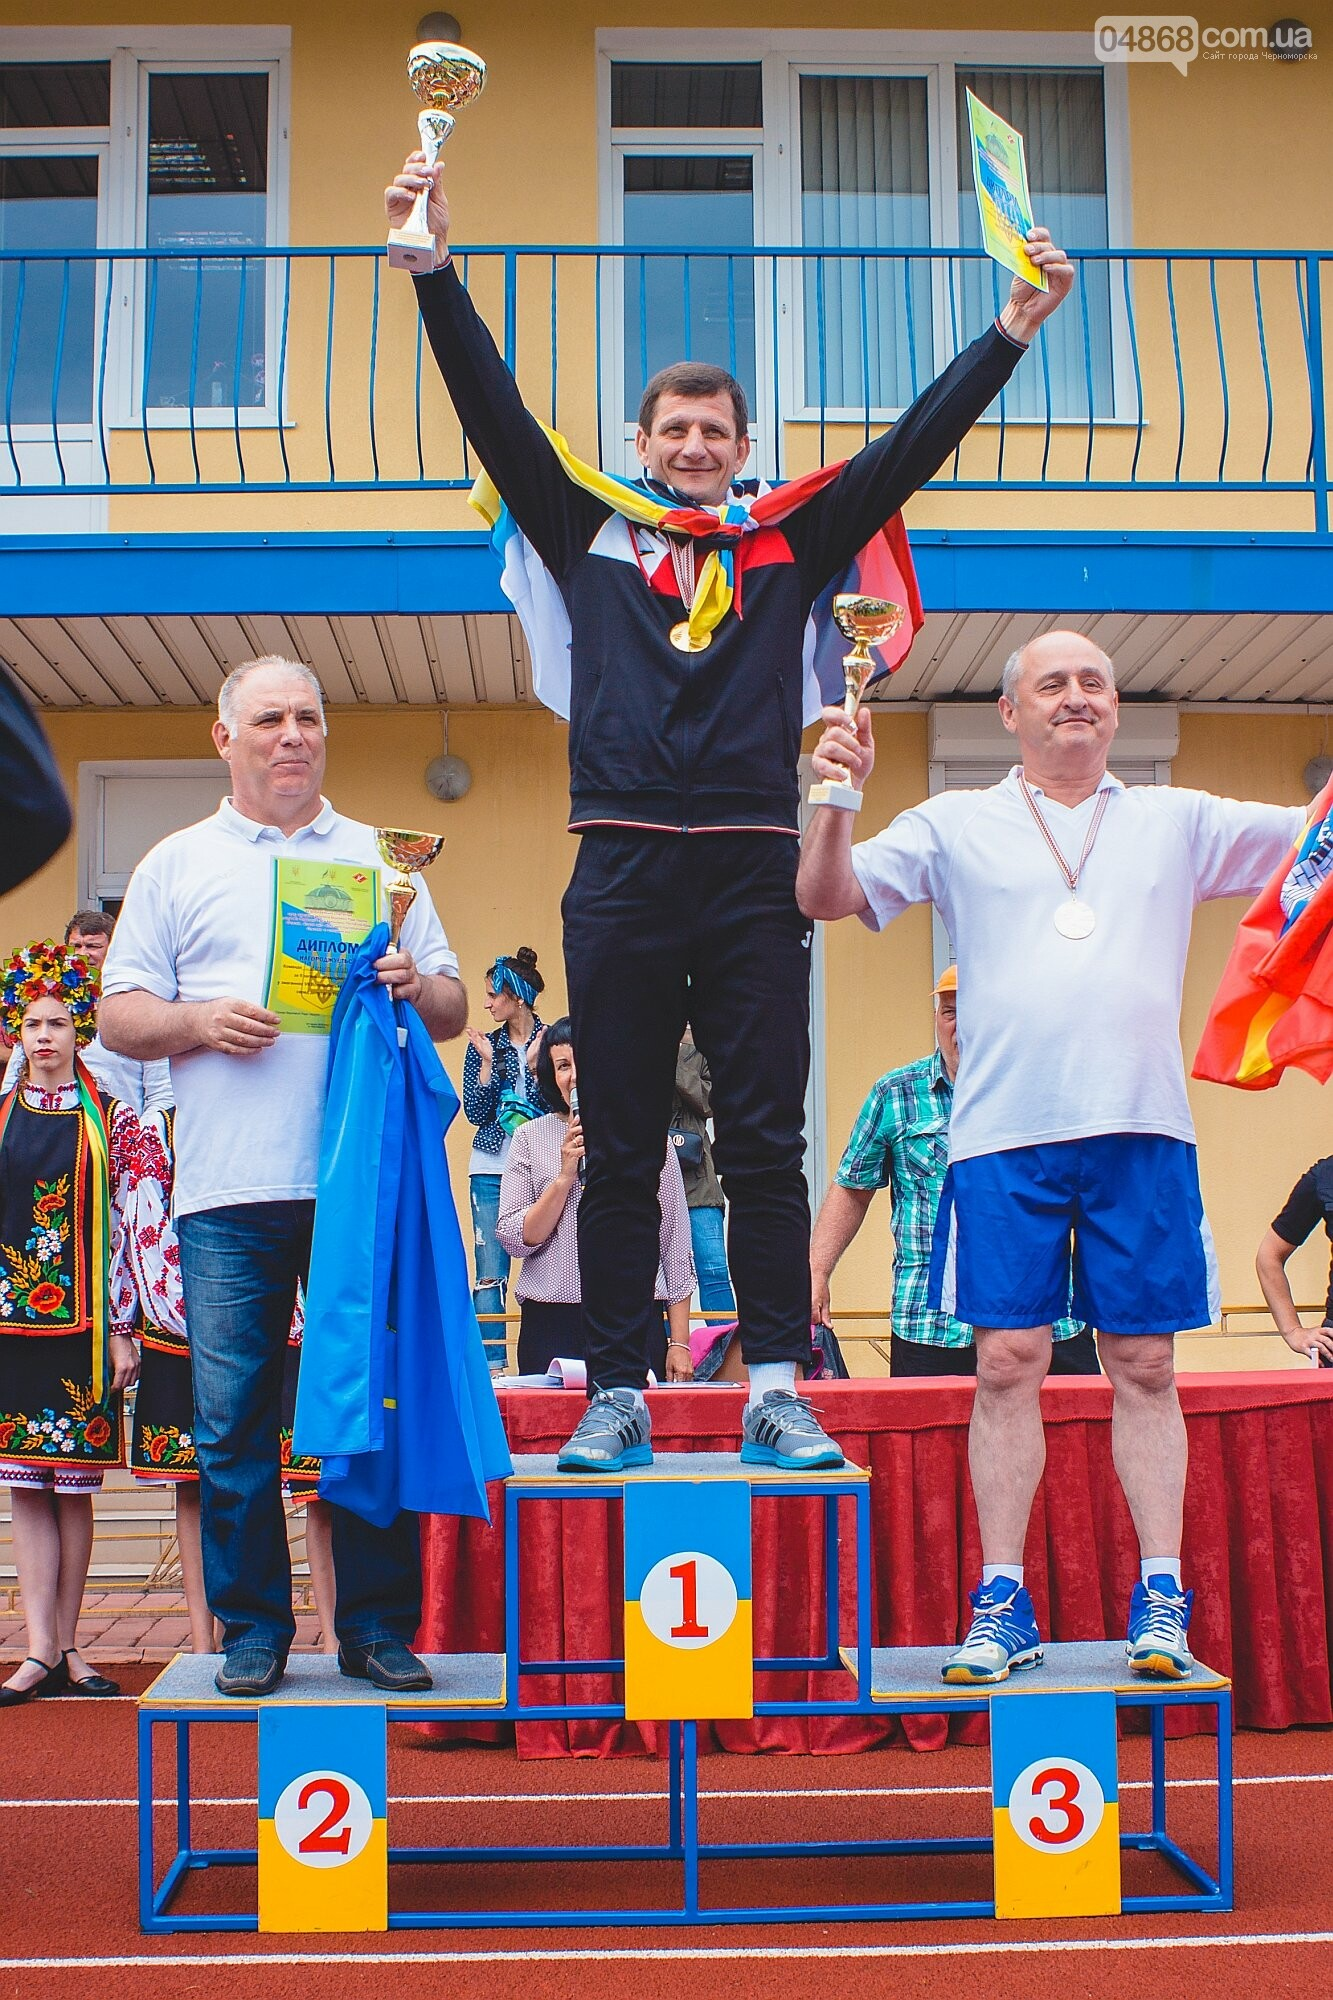 В Черноморске завершилась VII Всеукраинская спартакиада среди депутатов, фото-10